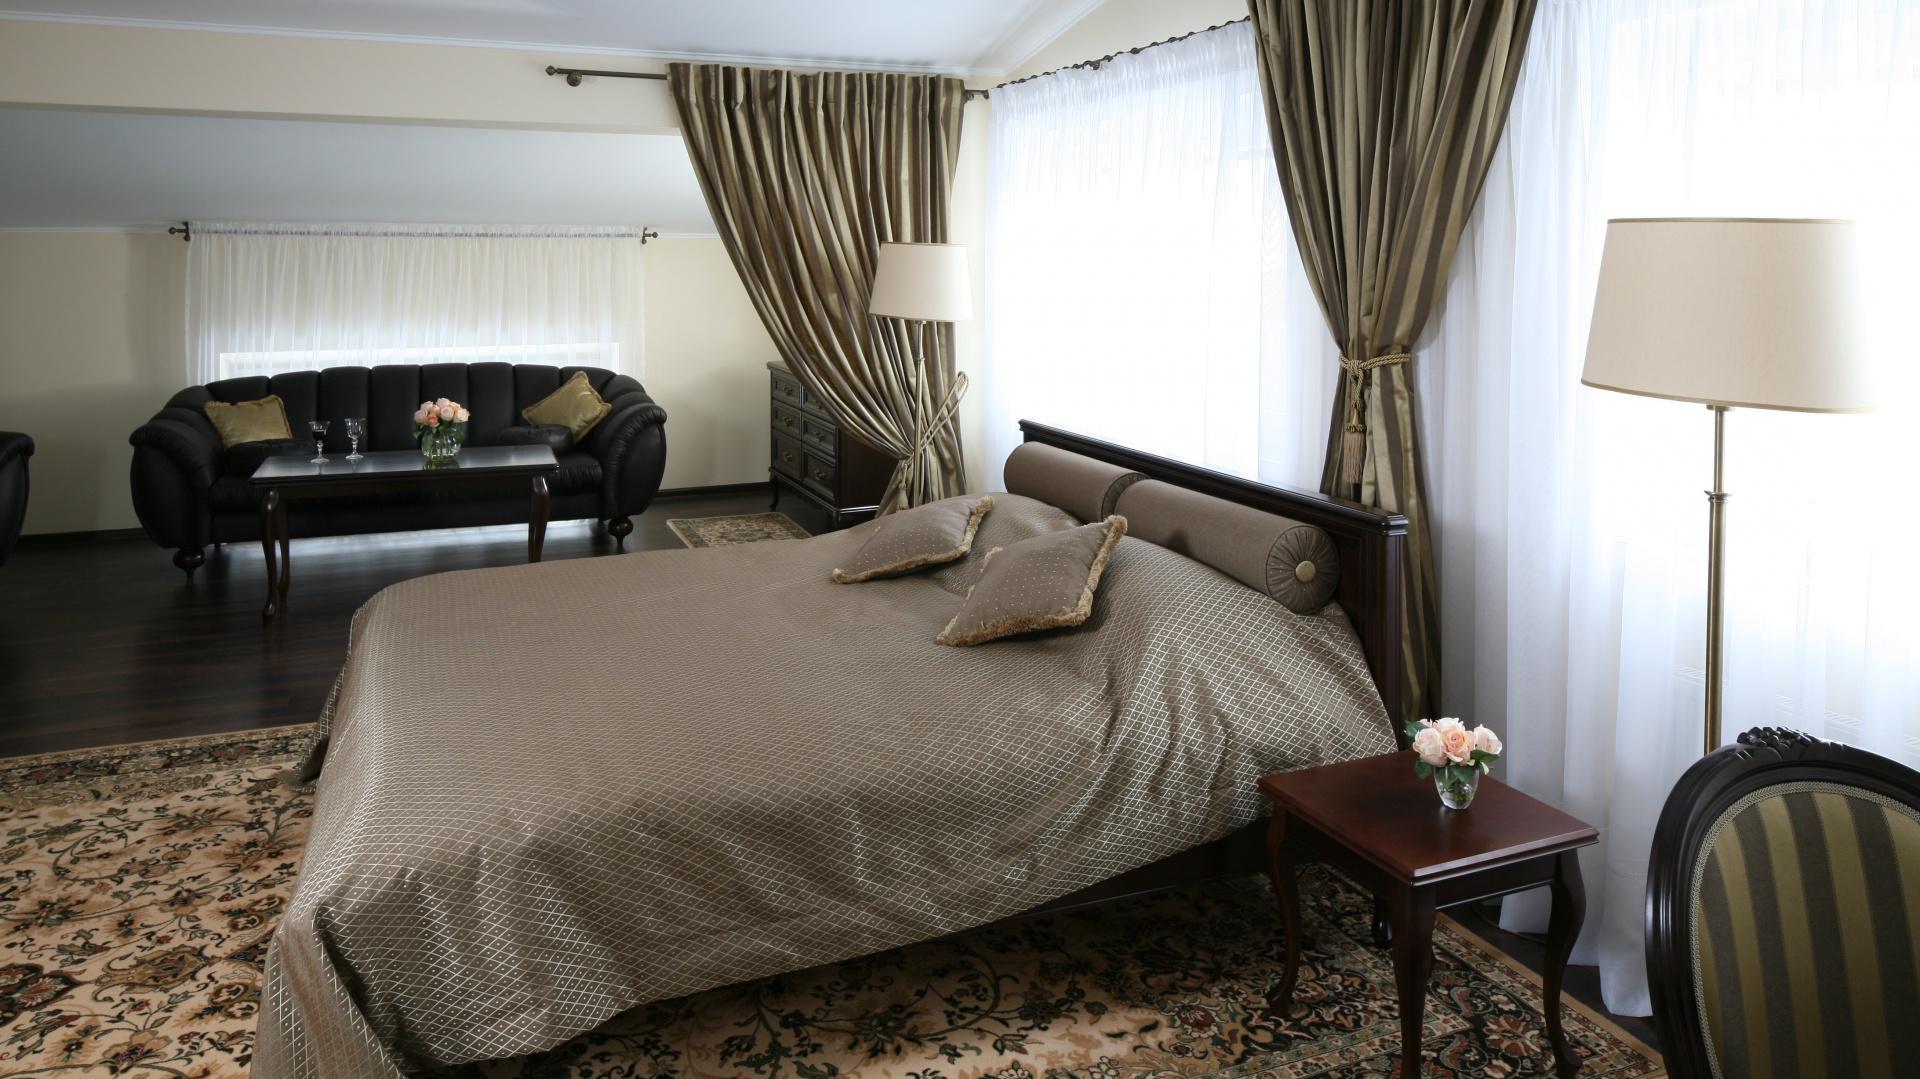 Przestronną sypialnię urządzono w stylu klasycznym. Główne miejsce zajmuje tu tradycyjne, drewniane łoże. Projekt Małgorzata Goś. Fot. Bartosz Jarosz